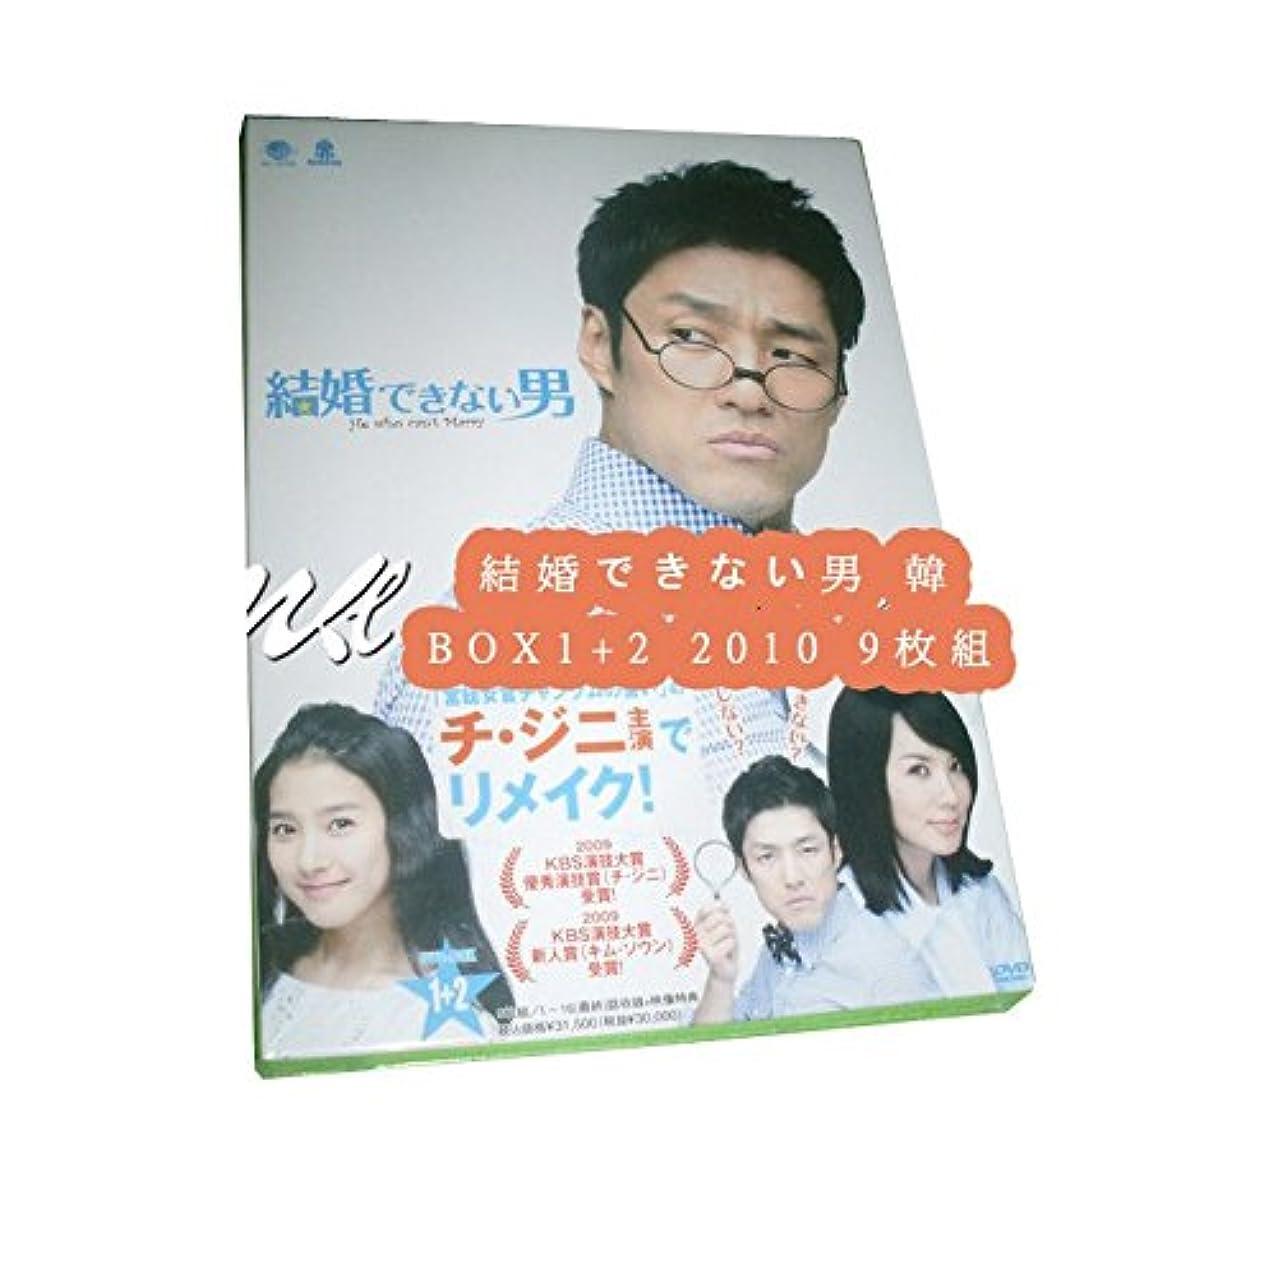 キリンオッズ苗結婚できない男 韓 BOX1+2 2010